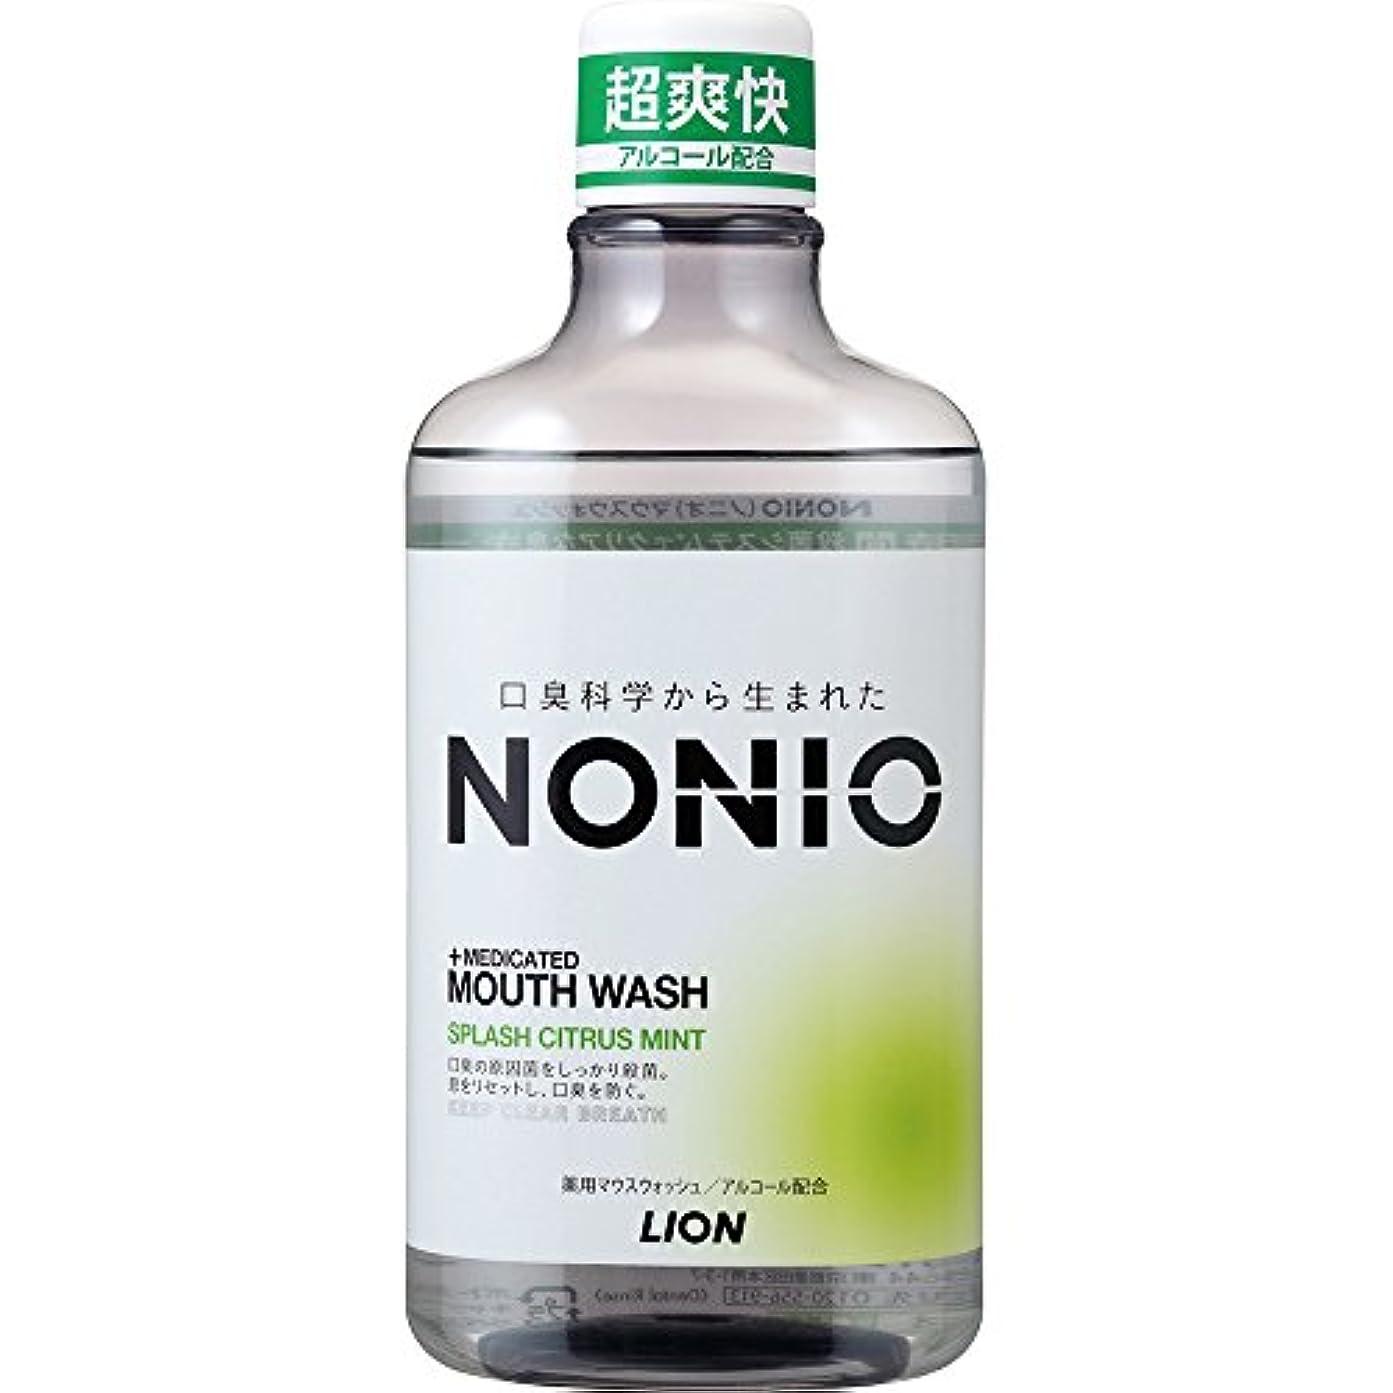 啓示噛むトリクル[医薬部外品]NONIO マウスウォッシュ スプラッシュシトラスミント 600ml 洗口液